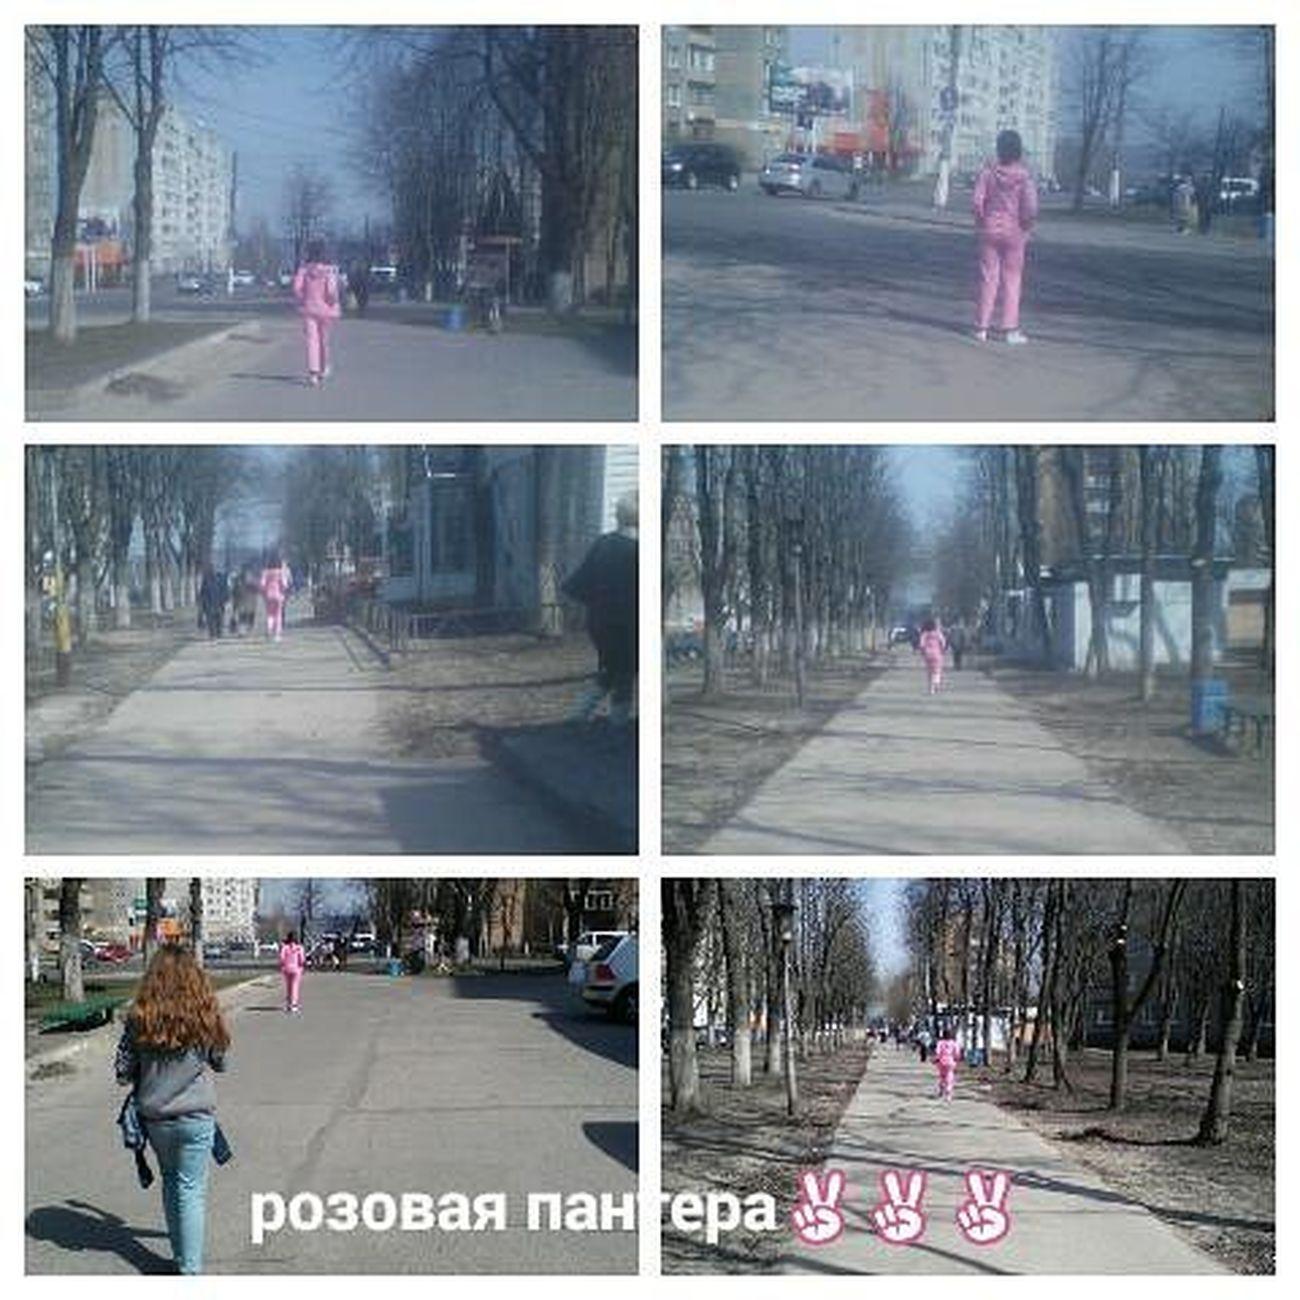 Идешь по улице балдеешь от солнешка и вдруг розовая пантера🙈🙉🙊😹 улица желек девка розоваяпантера взаимныелаики взаимнаяподписка